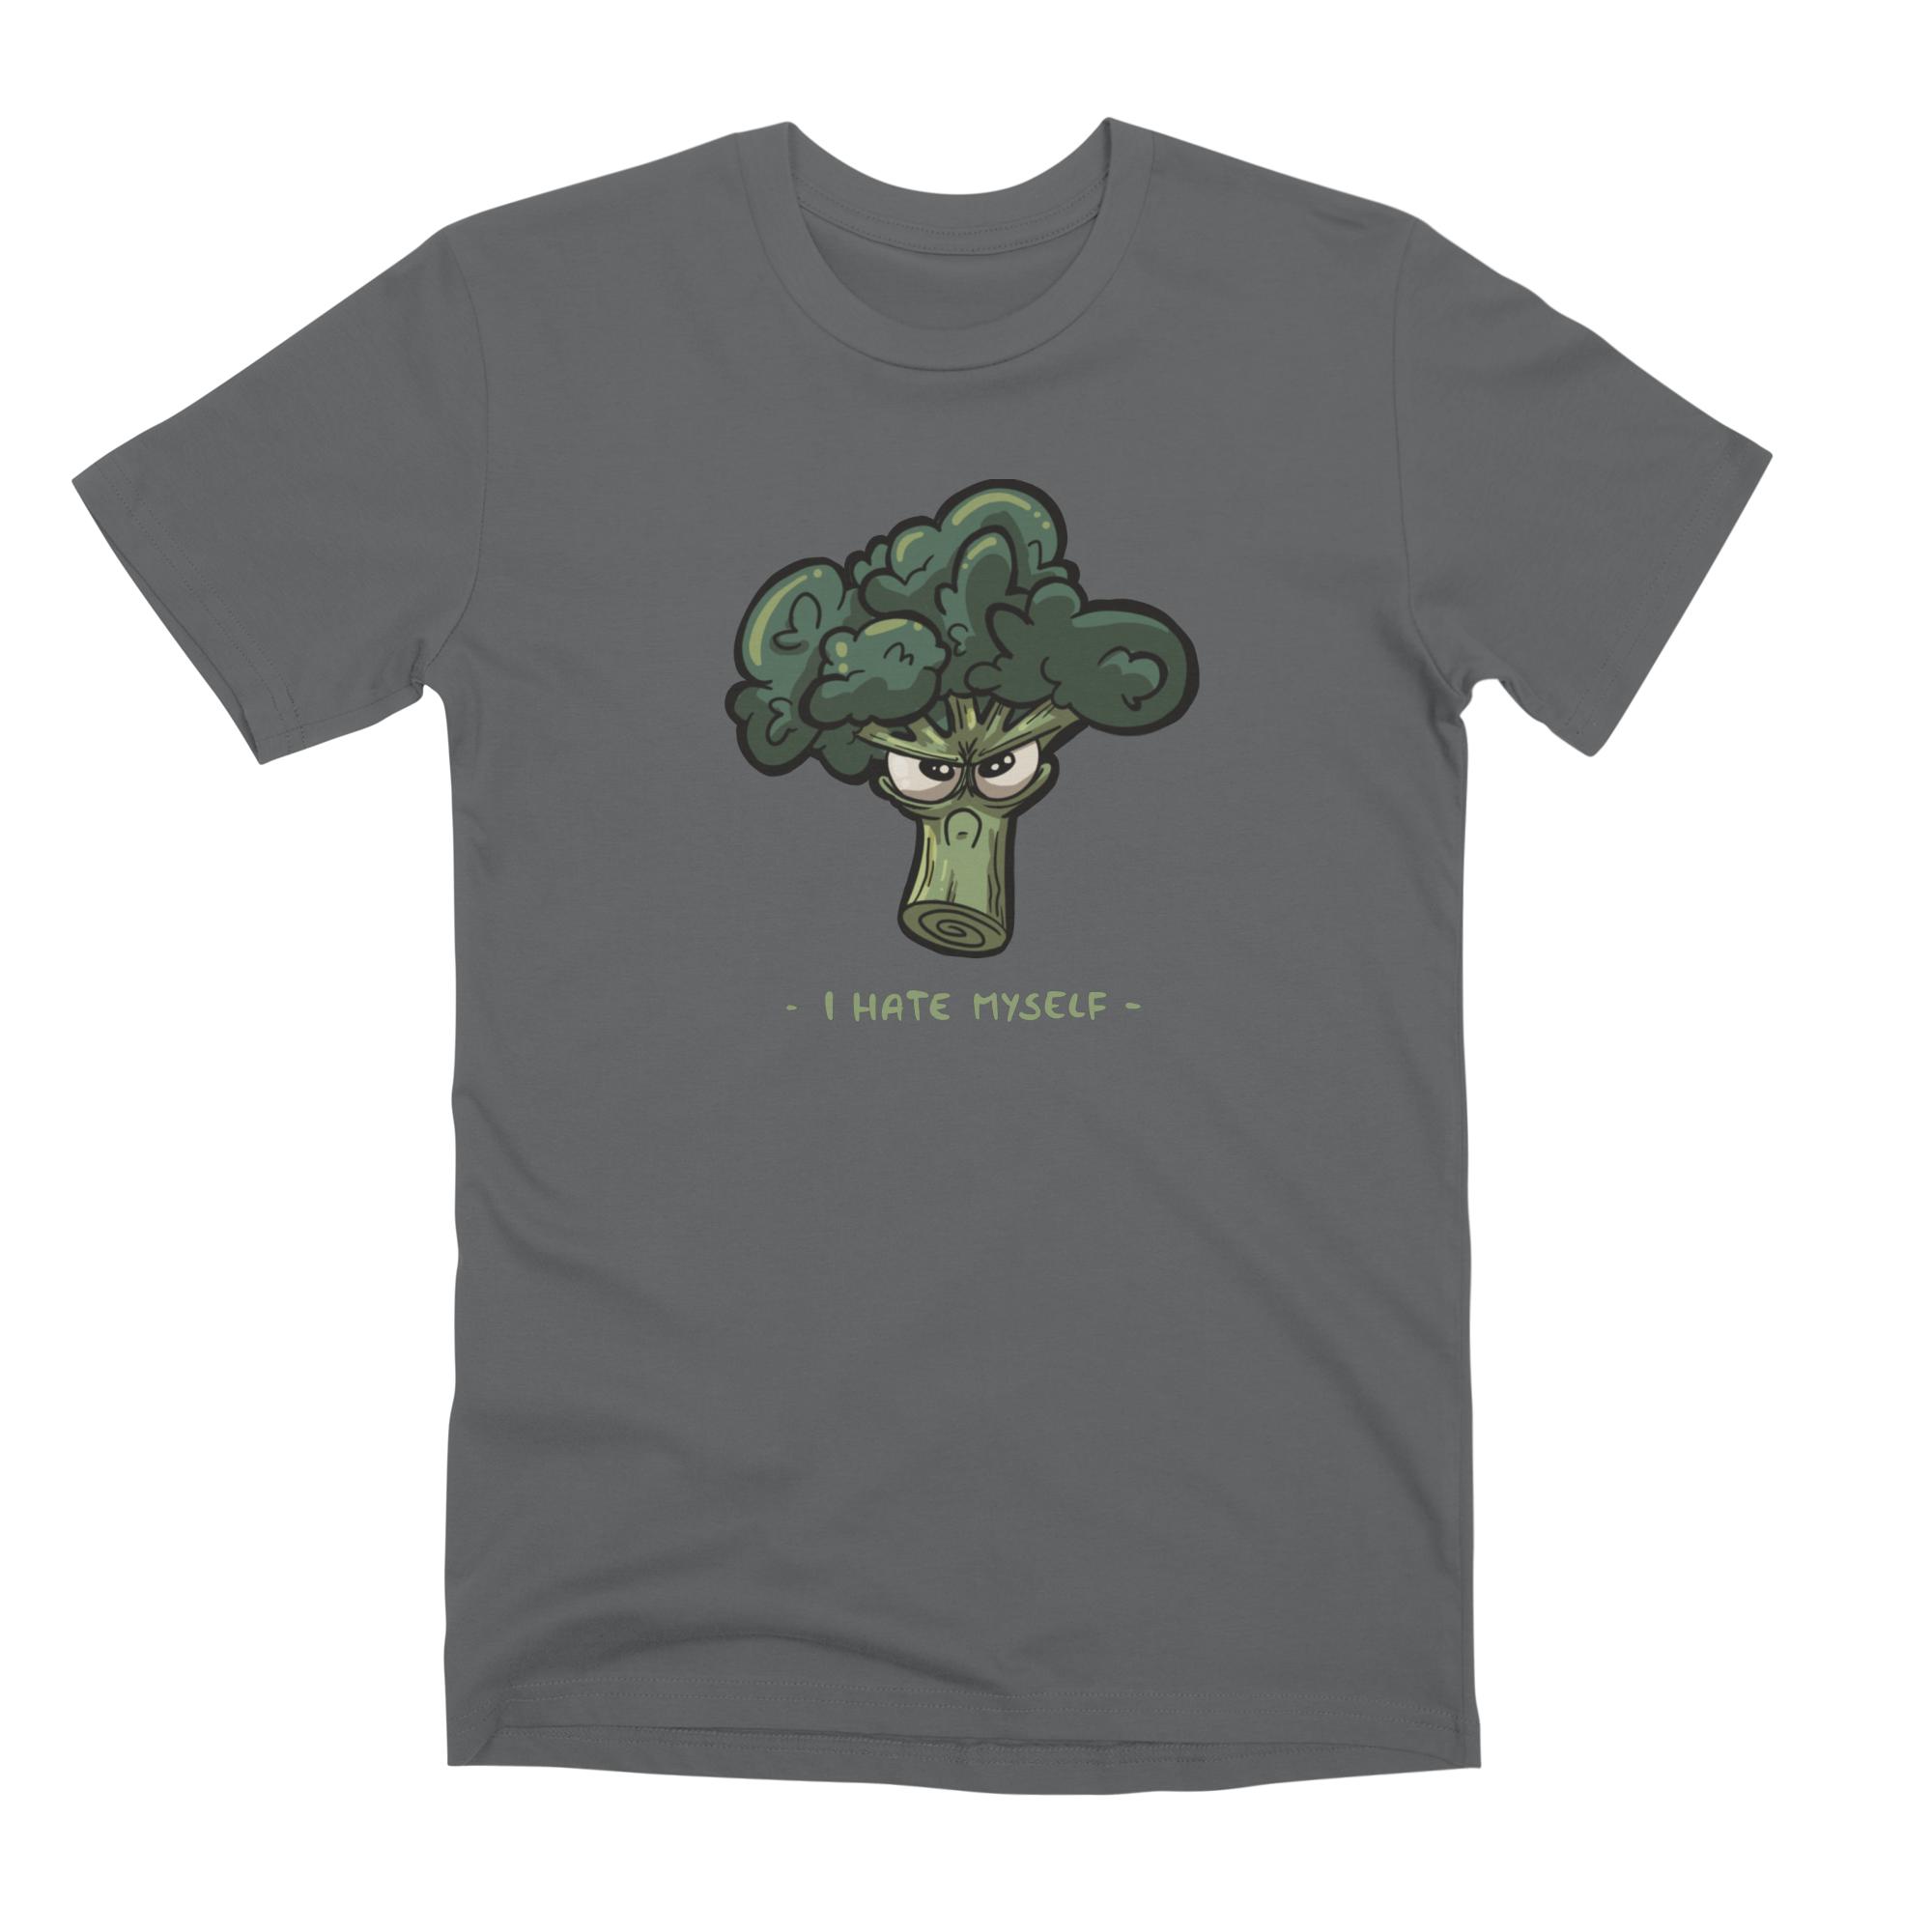 T-Shirt mit grummeligem Brokkoli